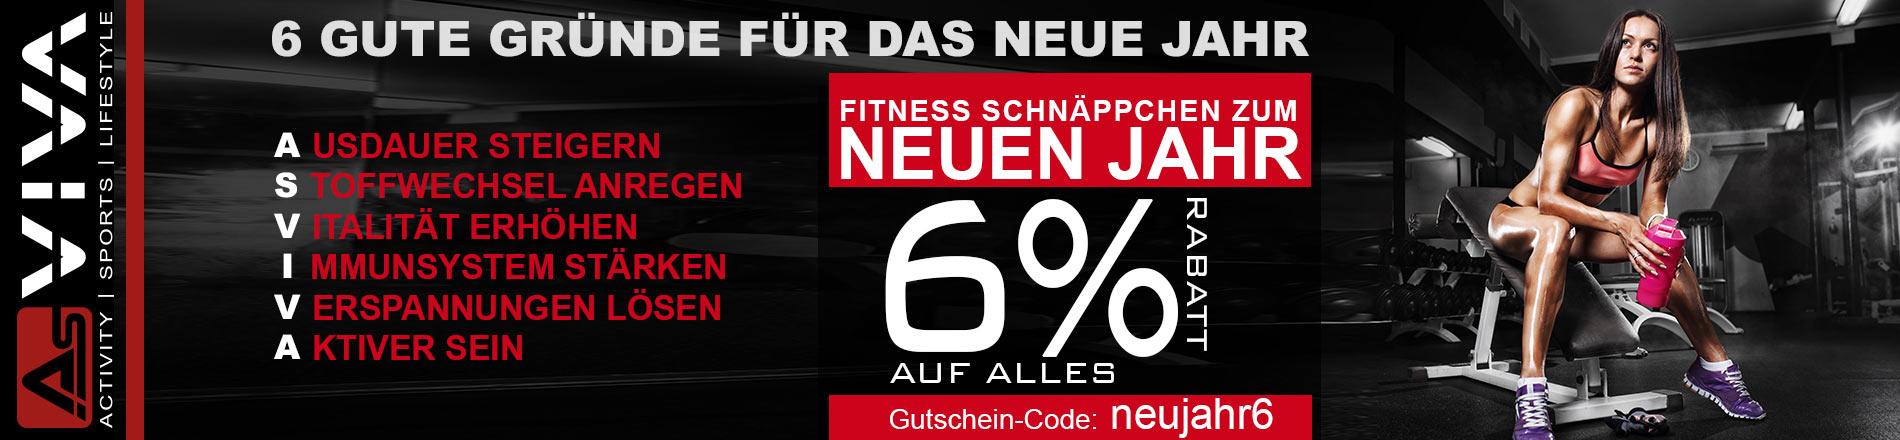 6%-Rabatt-Gutschein für Fitnessgeräte, E-Bikes, Keramikgrills und Gartenmöbel im AsVIVA Online Shop